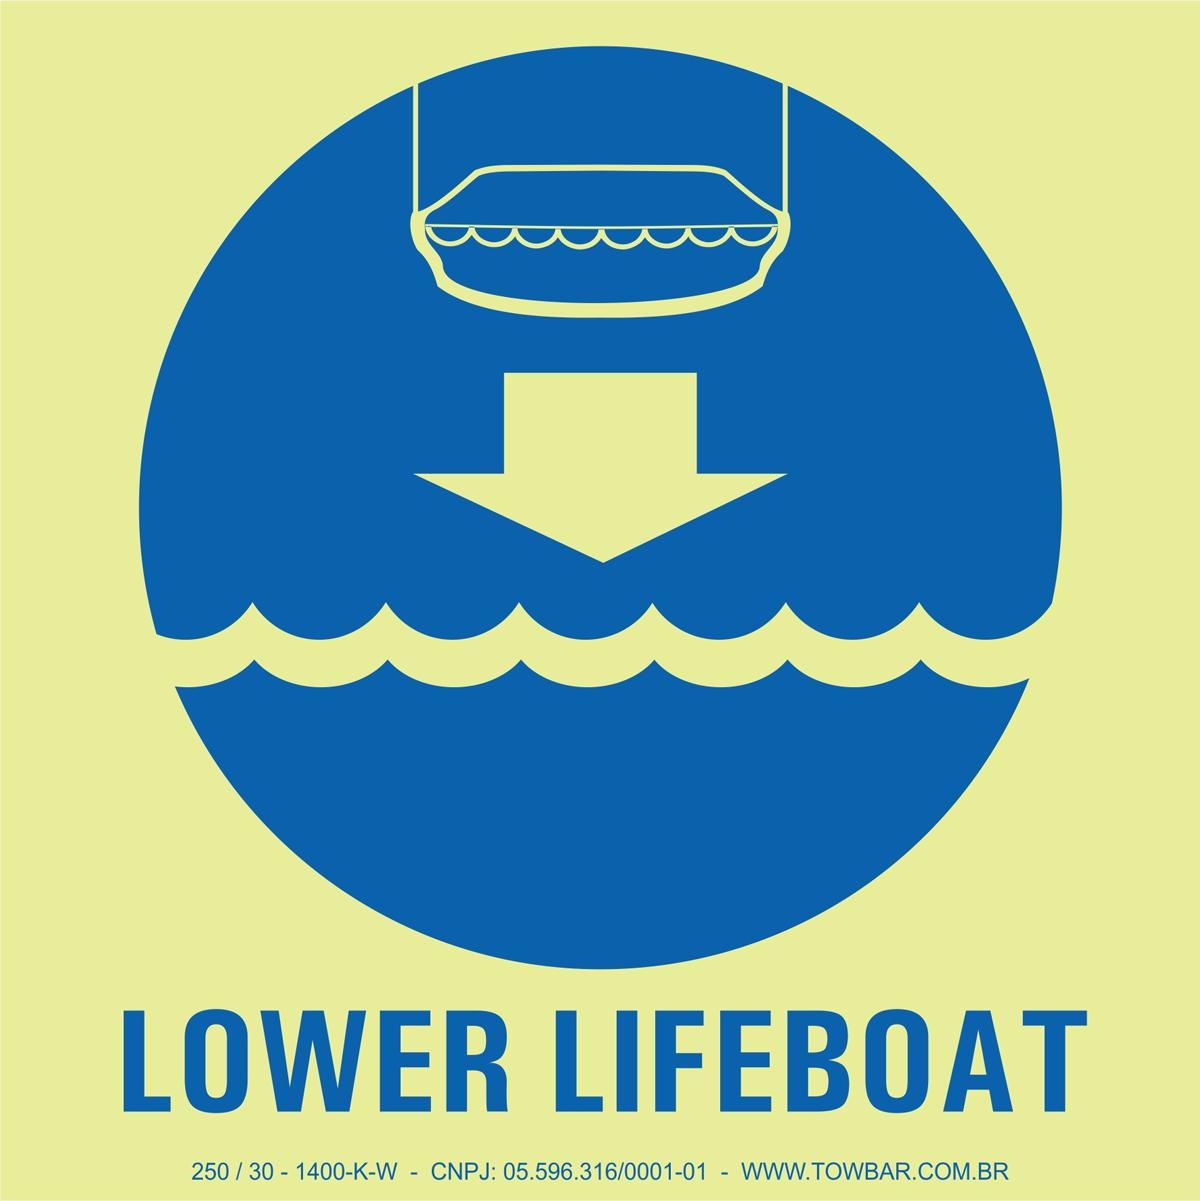 Baixar Bote (Lower Lifeboat)  - Towbar Sinalização de Segurança